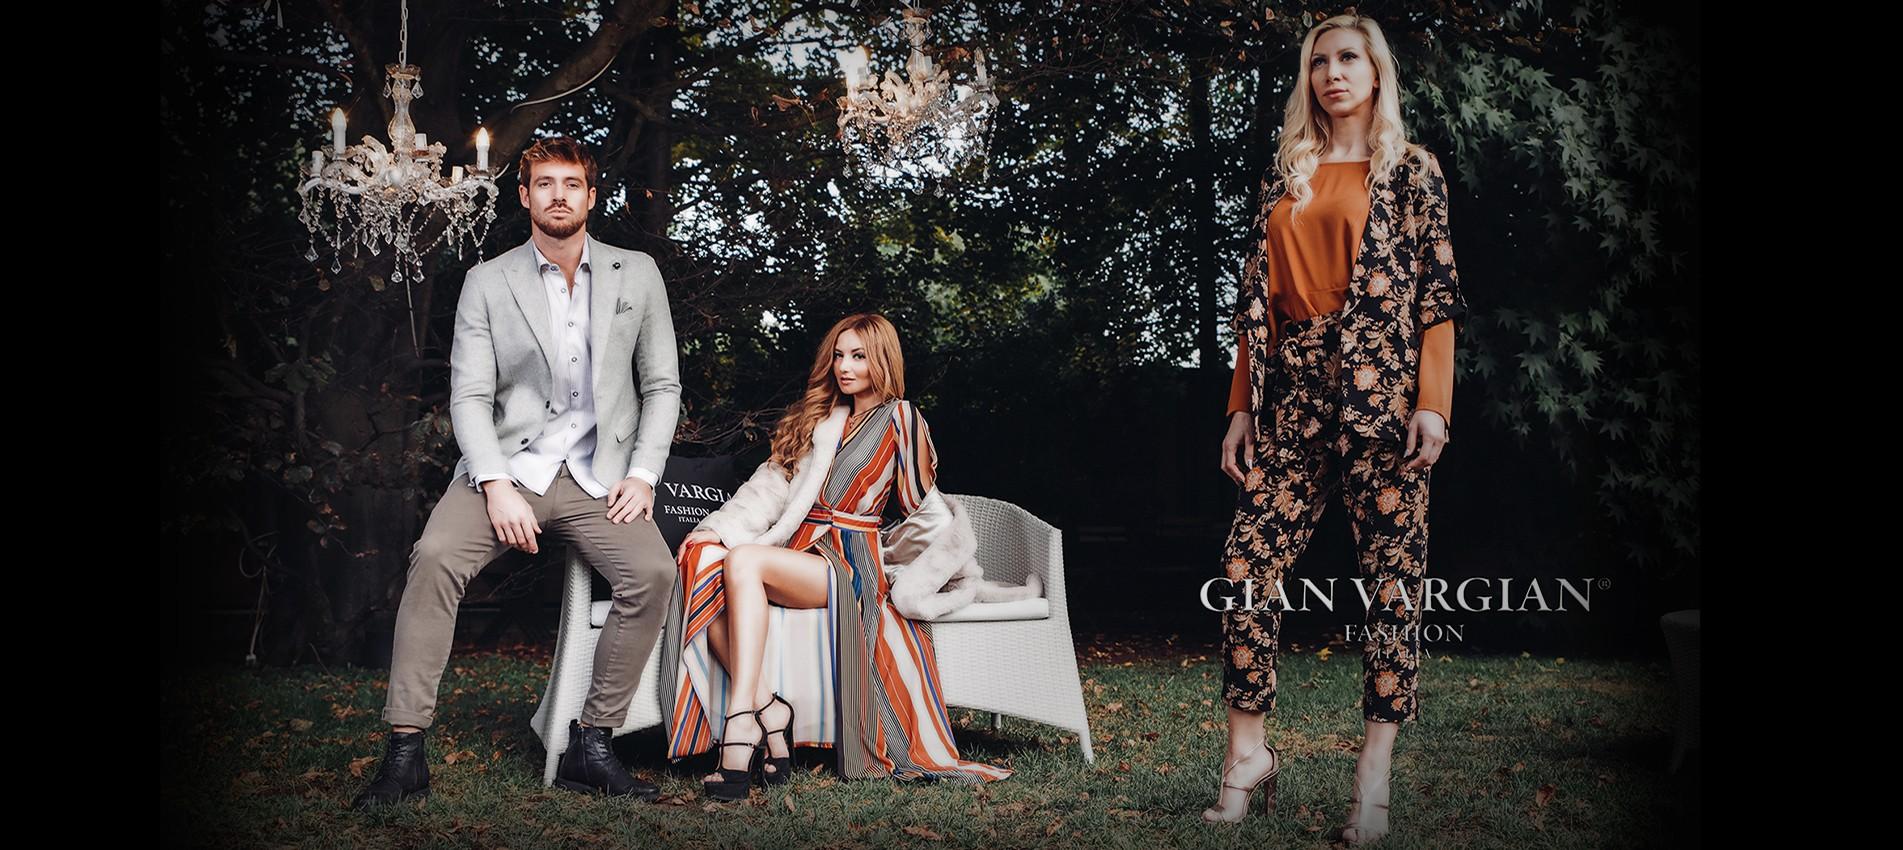 e6549ffffccf Negozio online abbigliamento uomo donna fashion - Gian Vargian ...